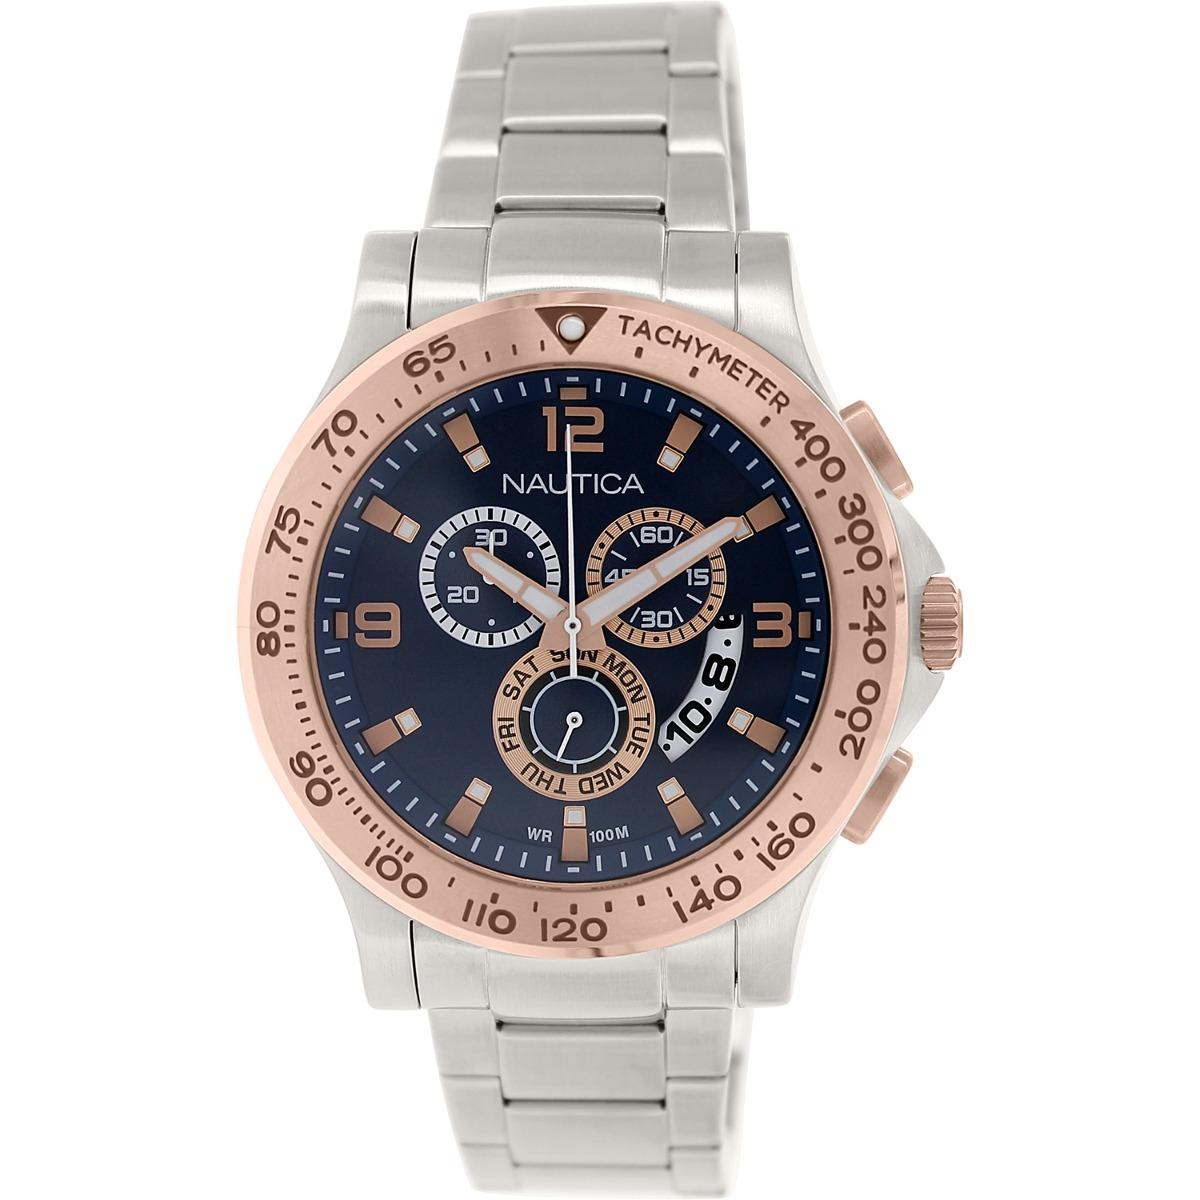 26f96449c57c Reloj Nautica Para Hombre Nst 600 Nad22503g Acero -   780.550 en ...